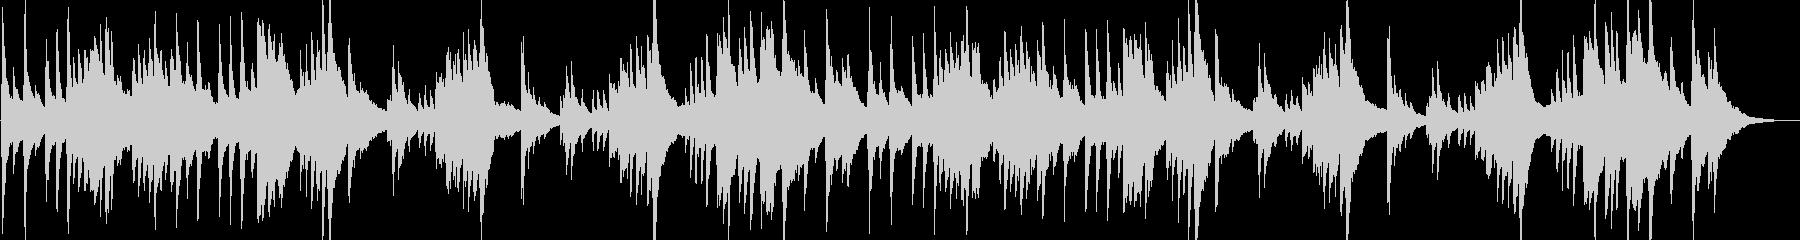 穏やか・安らぎ・癒しのハープソロBGM1の未再生の波形